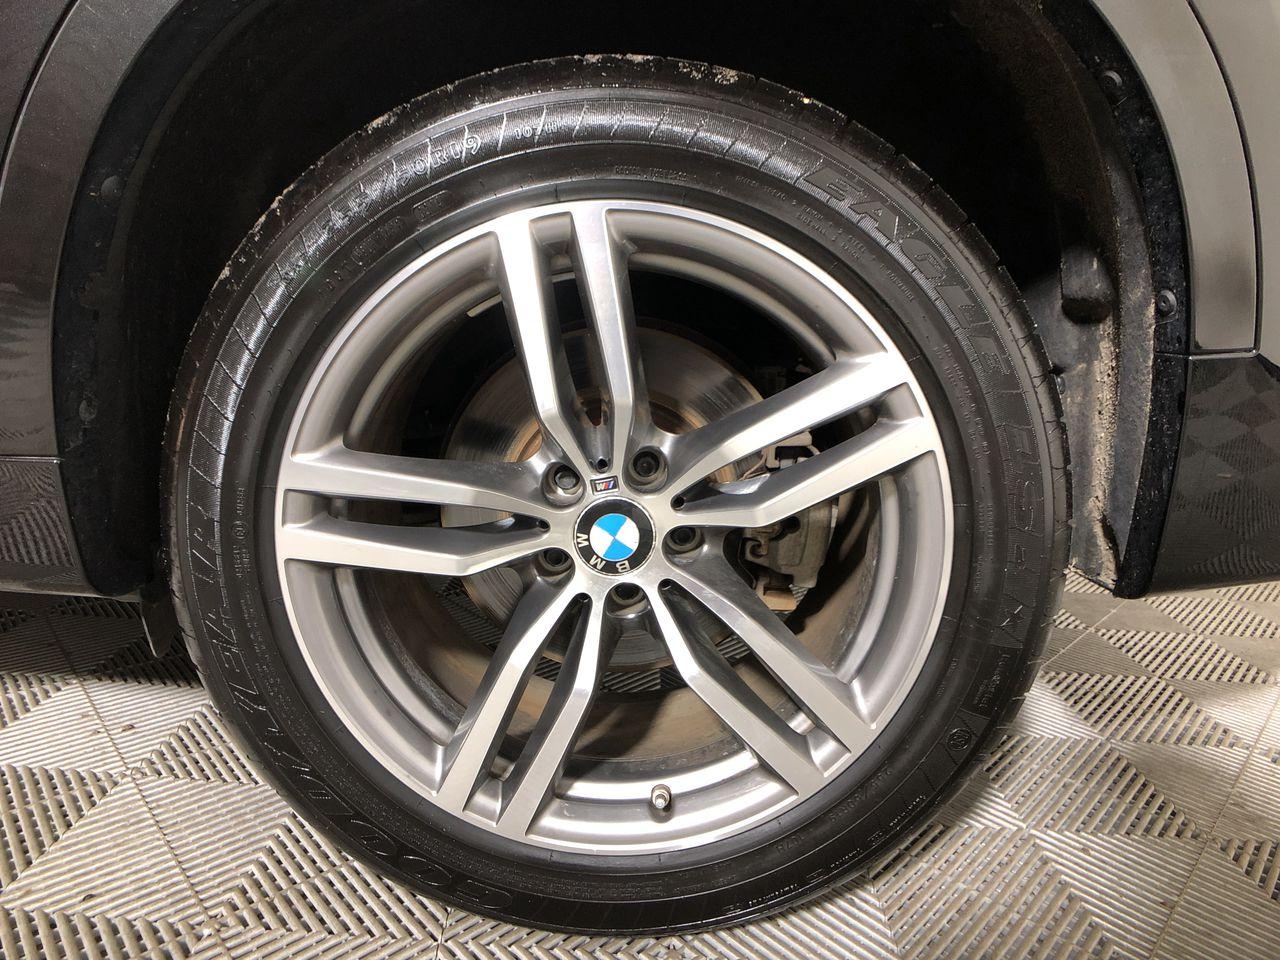 2015 BMW X6 - Fair Car Ownership